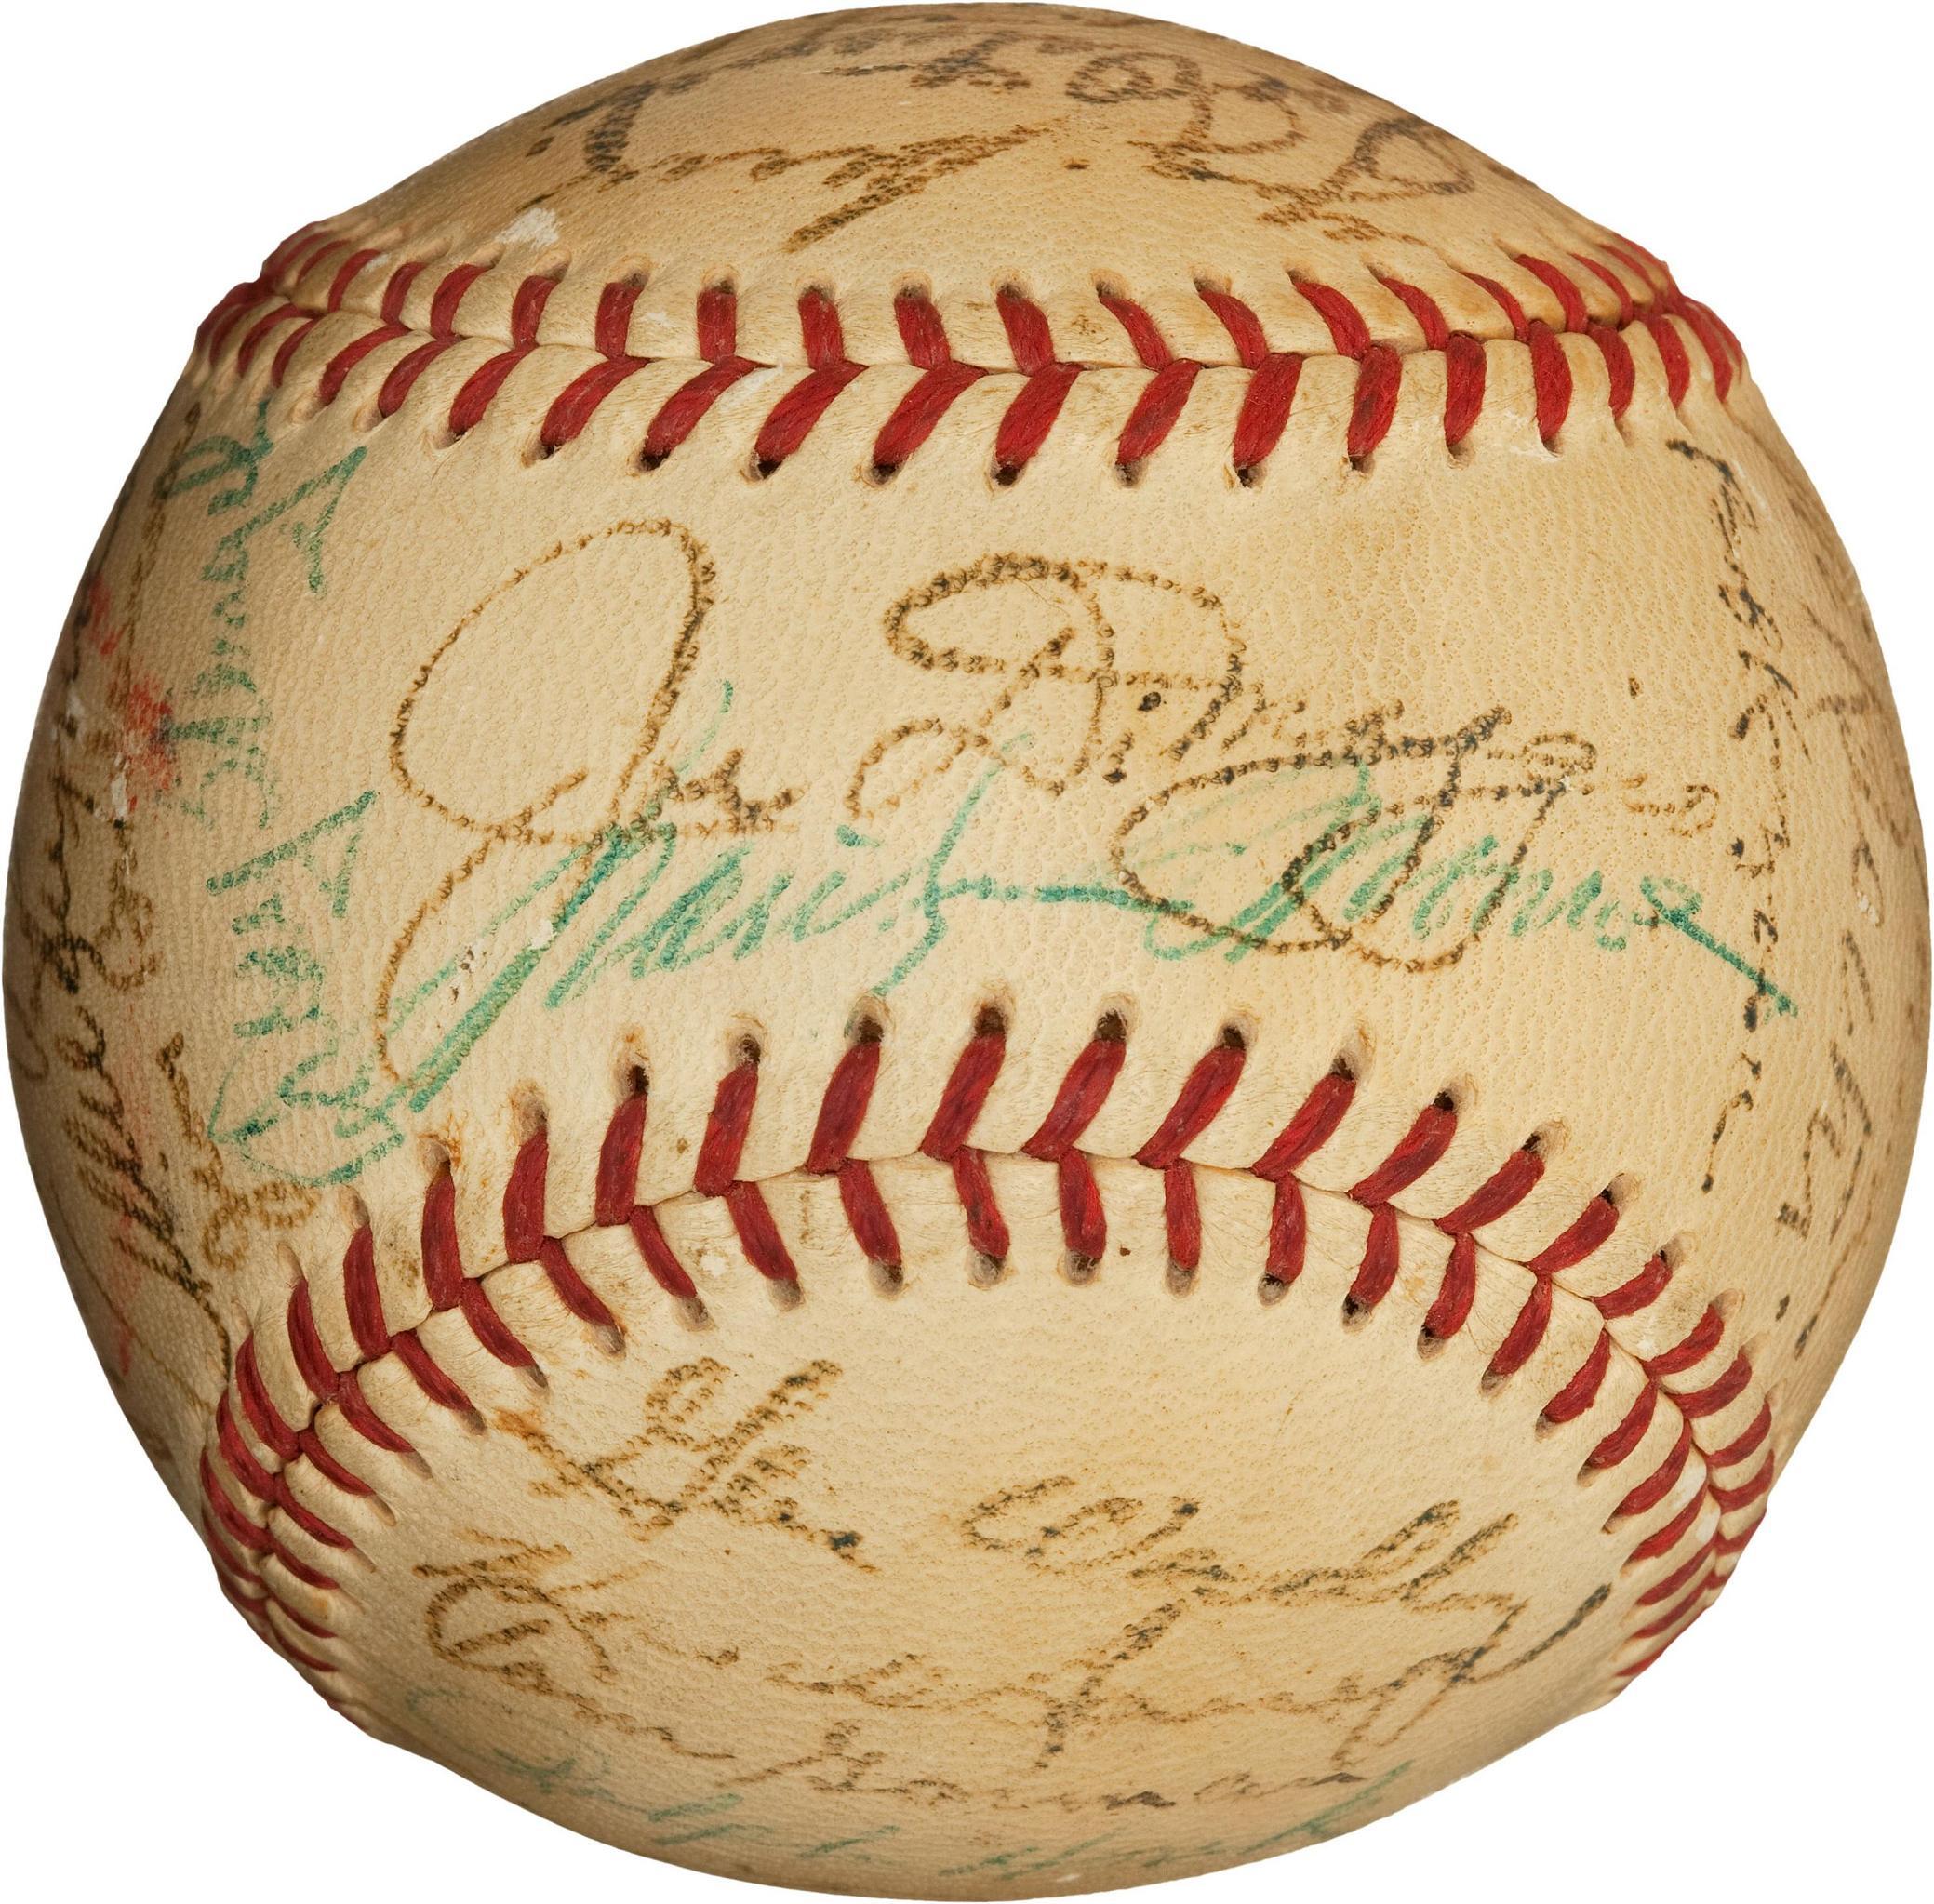 balledebaseball52.jpg